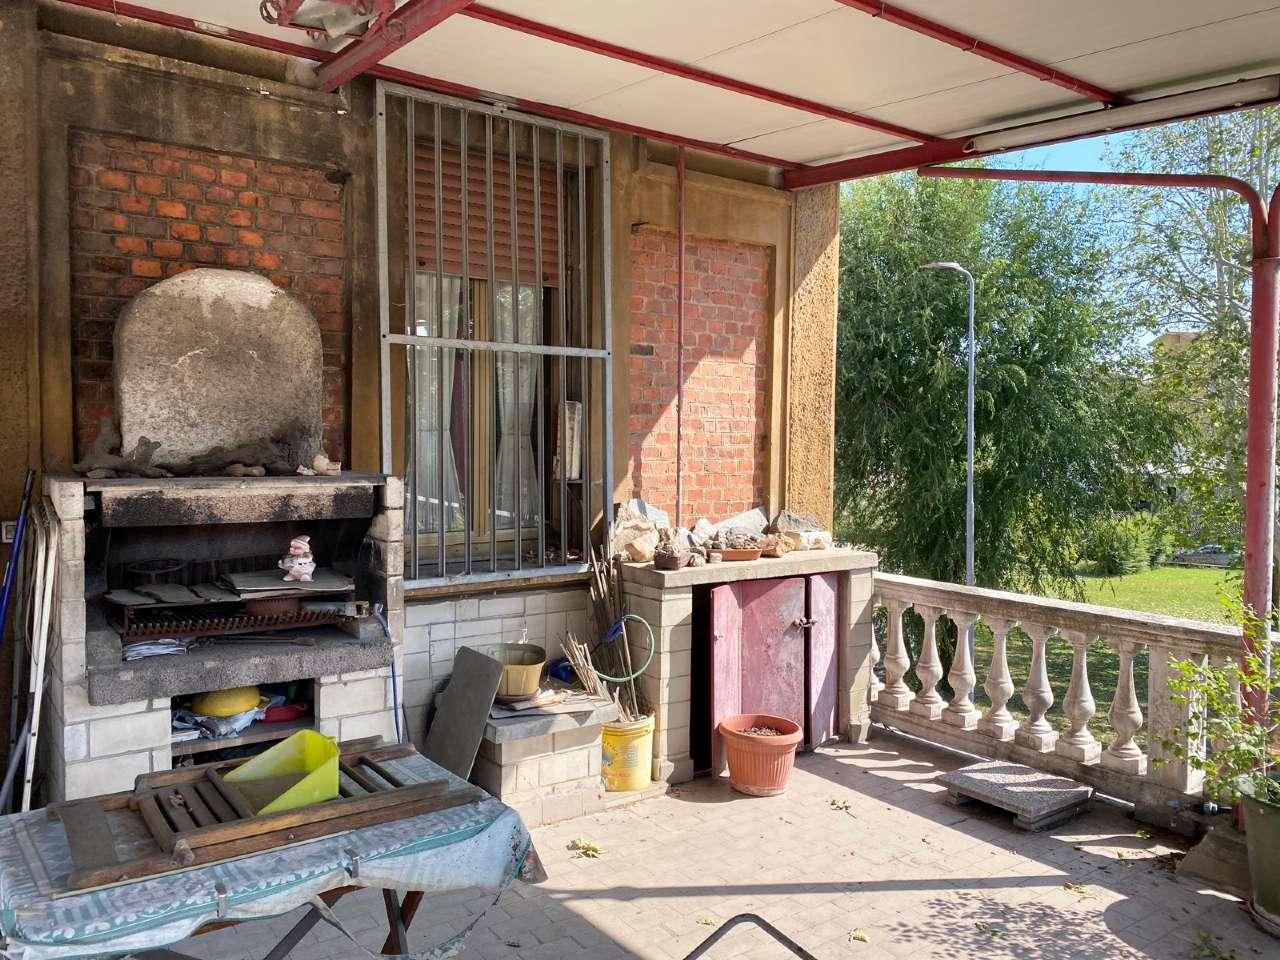 Appartamento in vendita a Cusano Milanino, 5 locali, prezzo € 340.000 | PortaleAgenzieImmobiliari.it